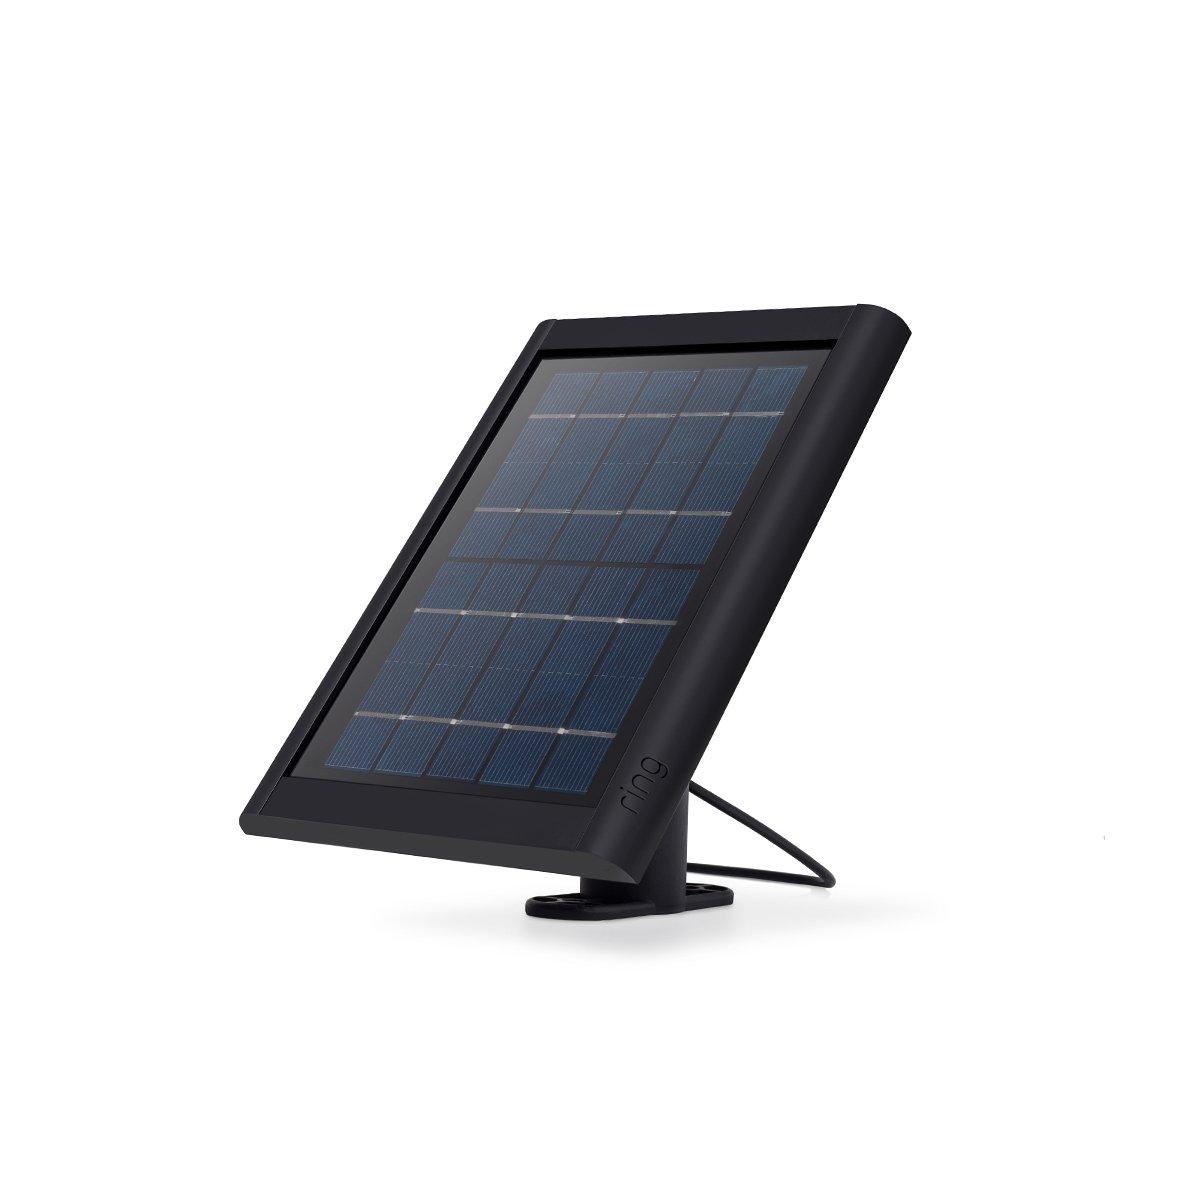 Ring Spotlight Solar Panel To Suit Spotlight Cam Battery